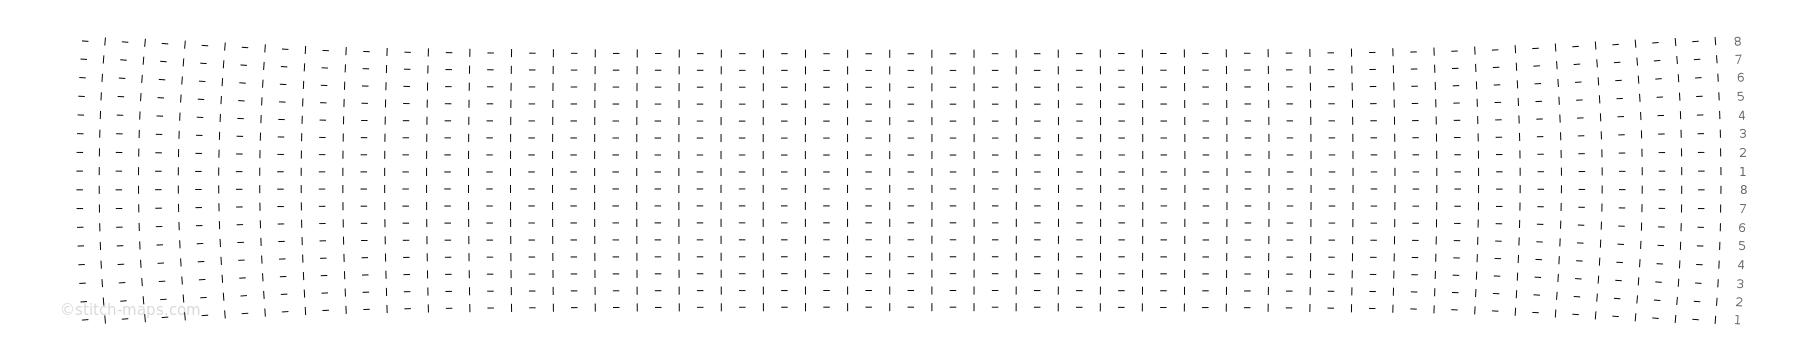 Raglan-lisäykset nuken mekkoon chart